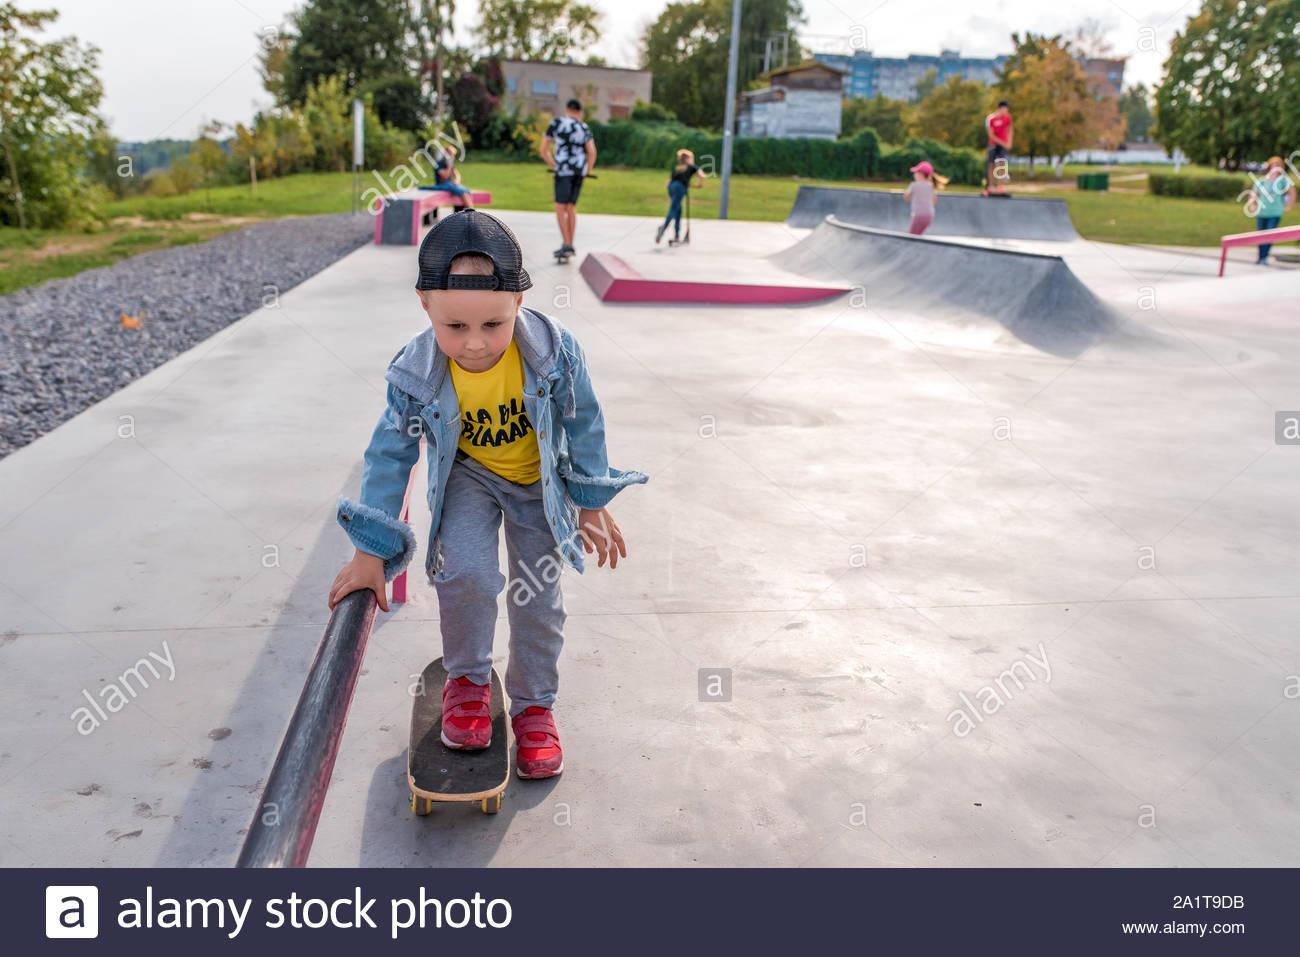 Aire De Jeu Pour Enfants, Petit Garçon De 3 À 5 Ans, L encequiconcerne Jeux De Petit Garçon De 3 Ans